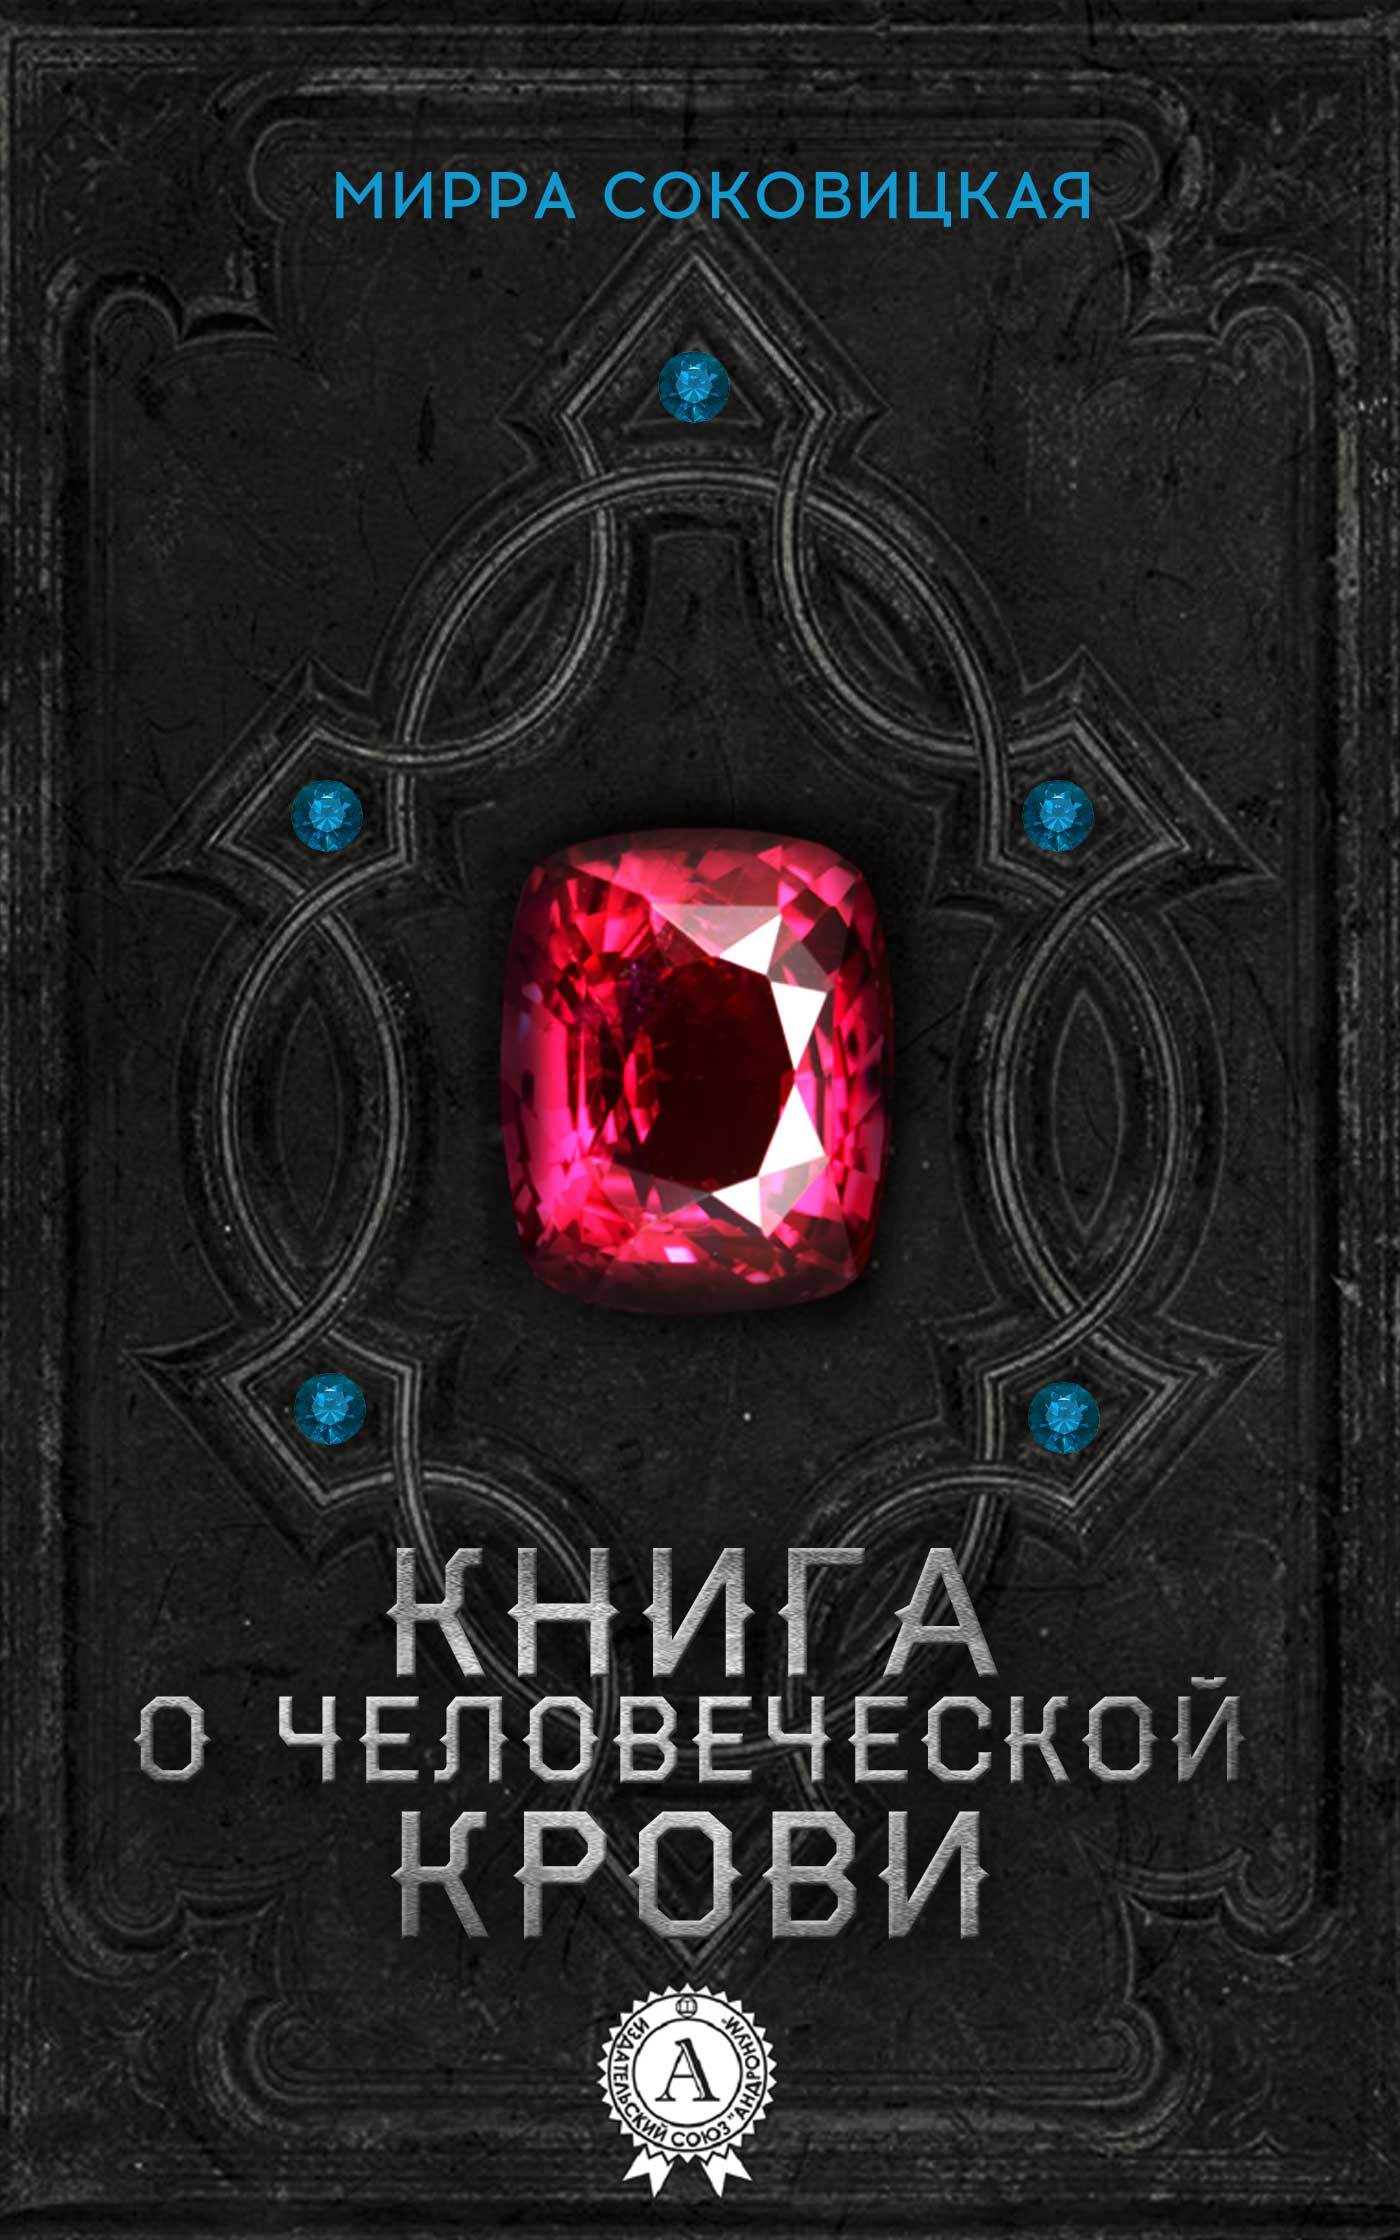 Мирра Соковицкая бесплатно